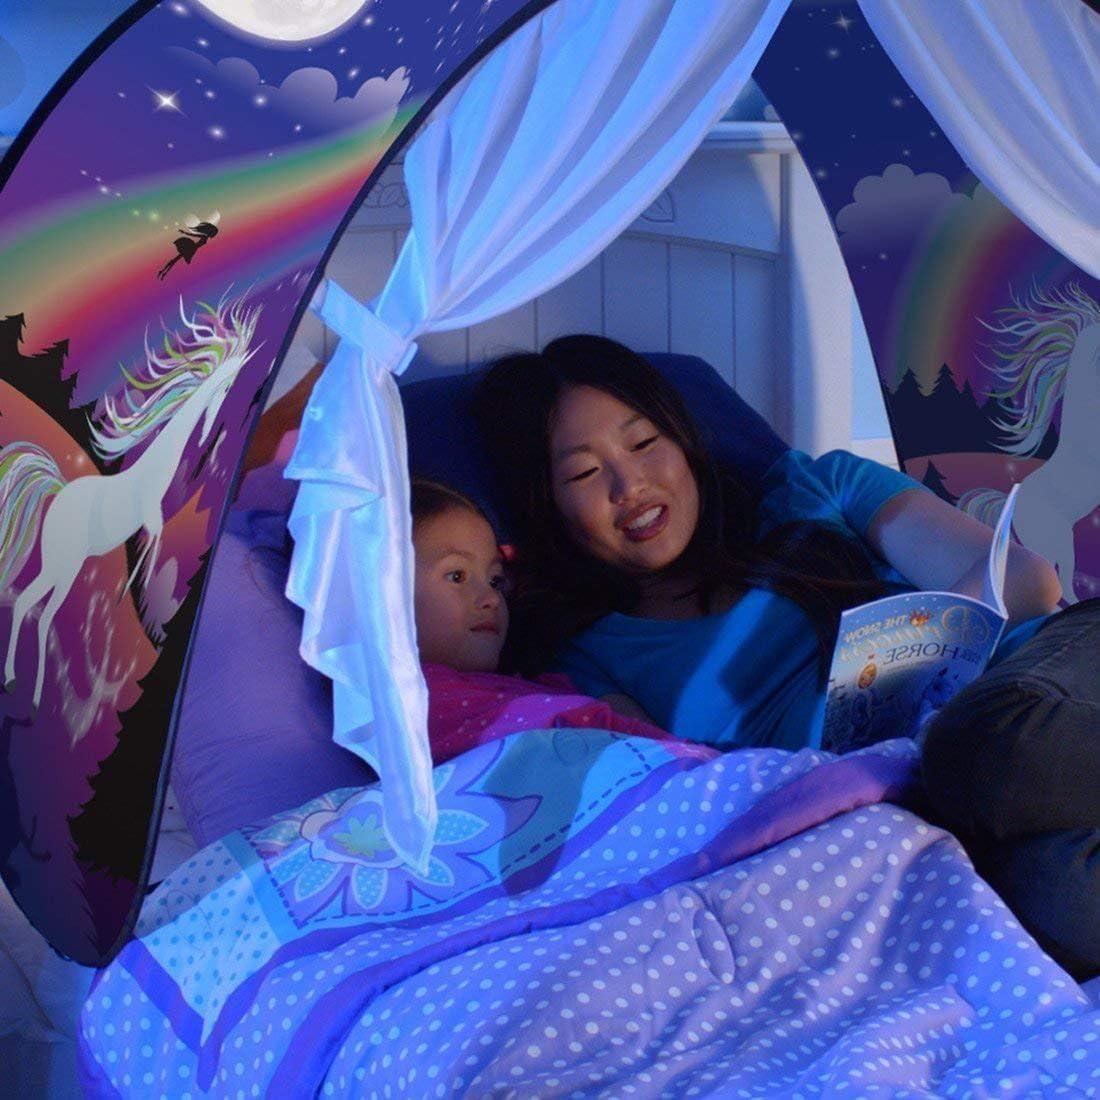 Aventure Spatiale Dream Tents Tente de Lit Enfants Tente Playhouse de Tente Apparaitre Int/érieure Enfant Jouer Tentes Cadeaux de No/ël pour Enfants